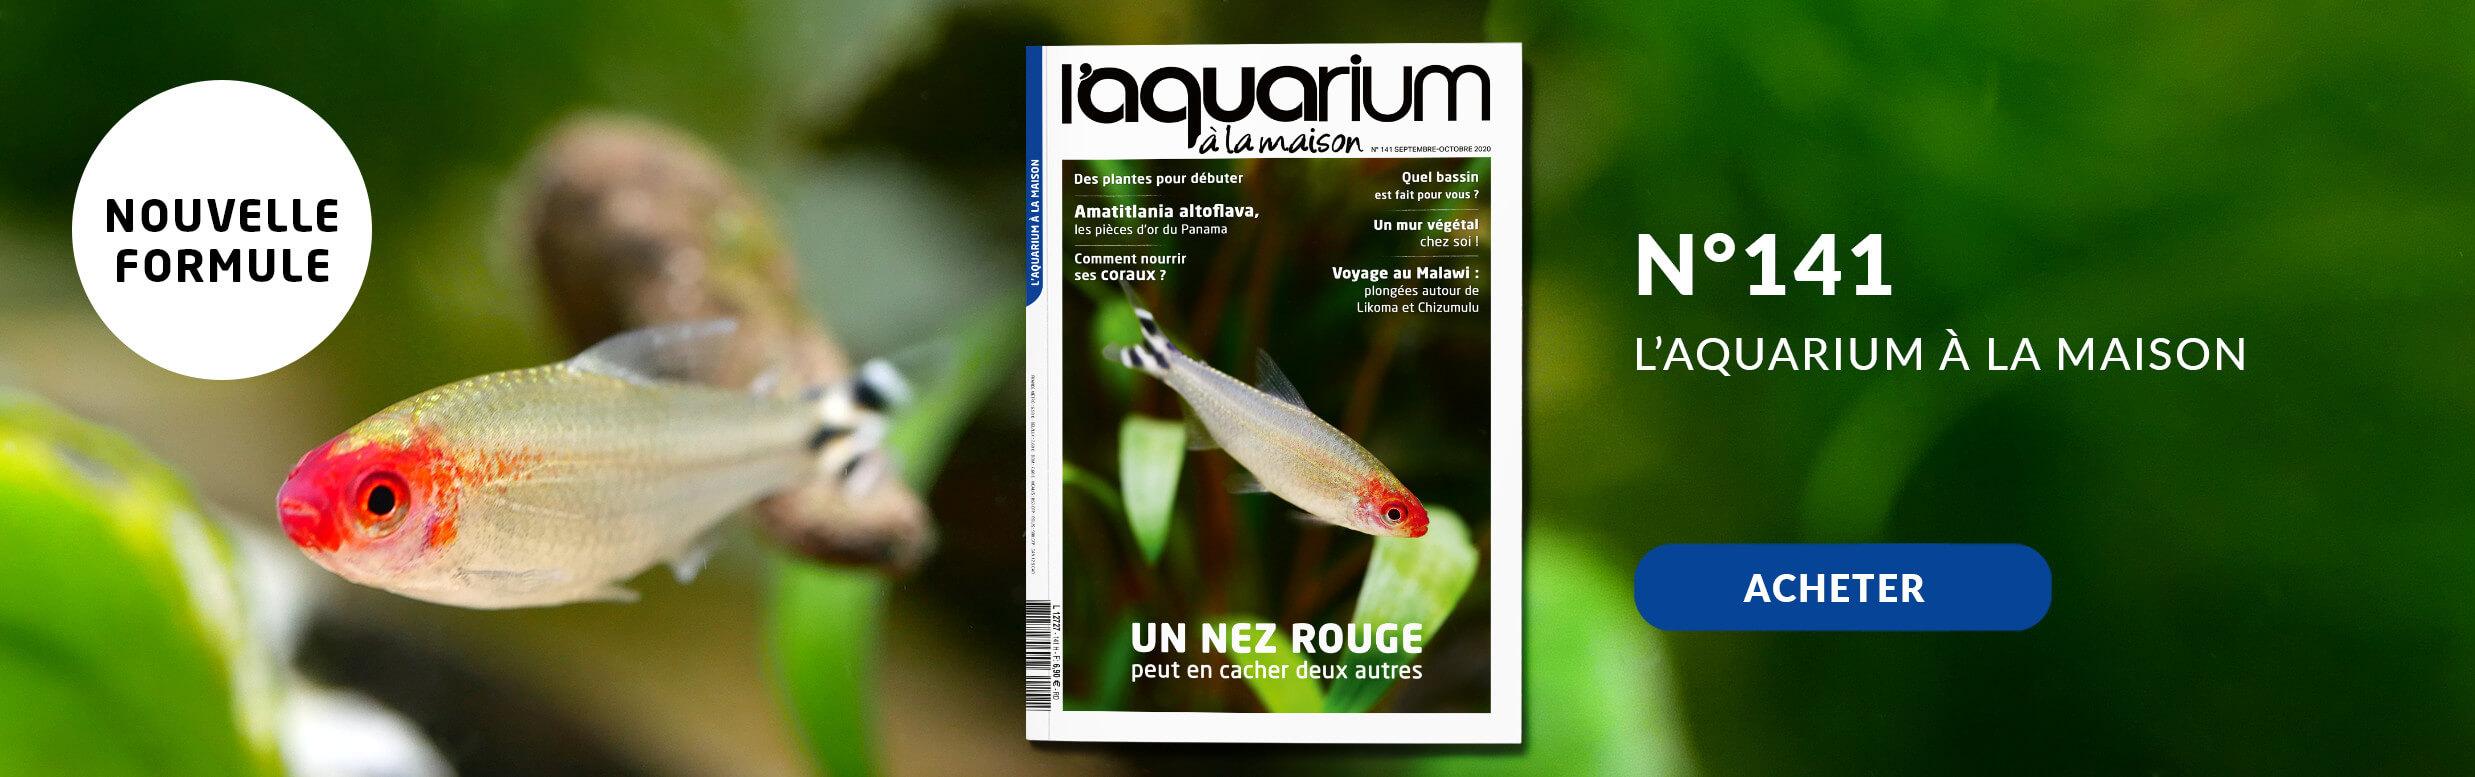 Découvrez la nouvelle formule de l'aquarium à la maison avec le nmr 141